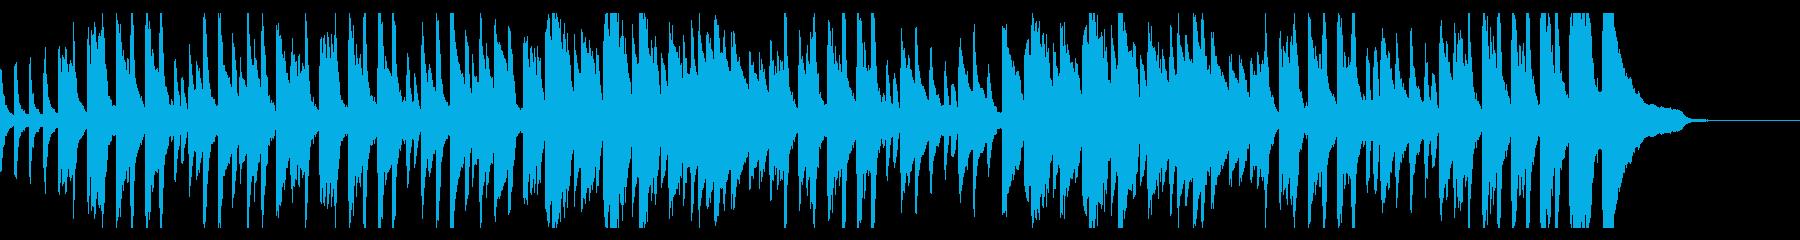 ピアノ練習曲/ブルグミュラーアラベスクの再生済みの波形